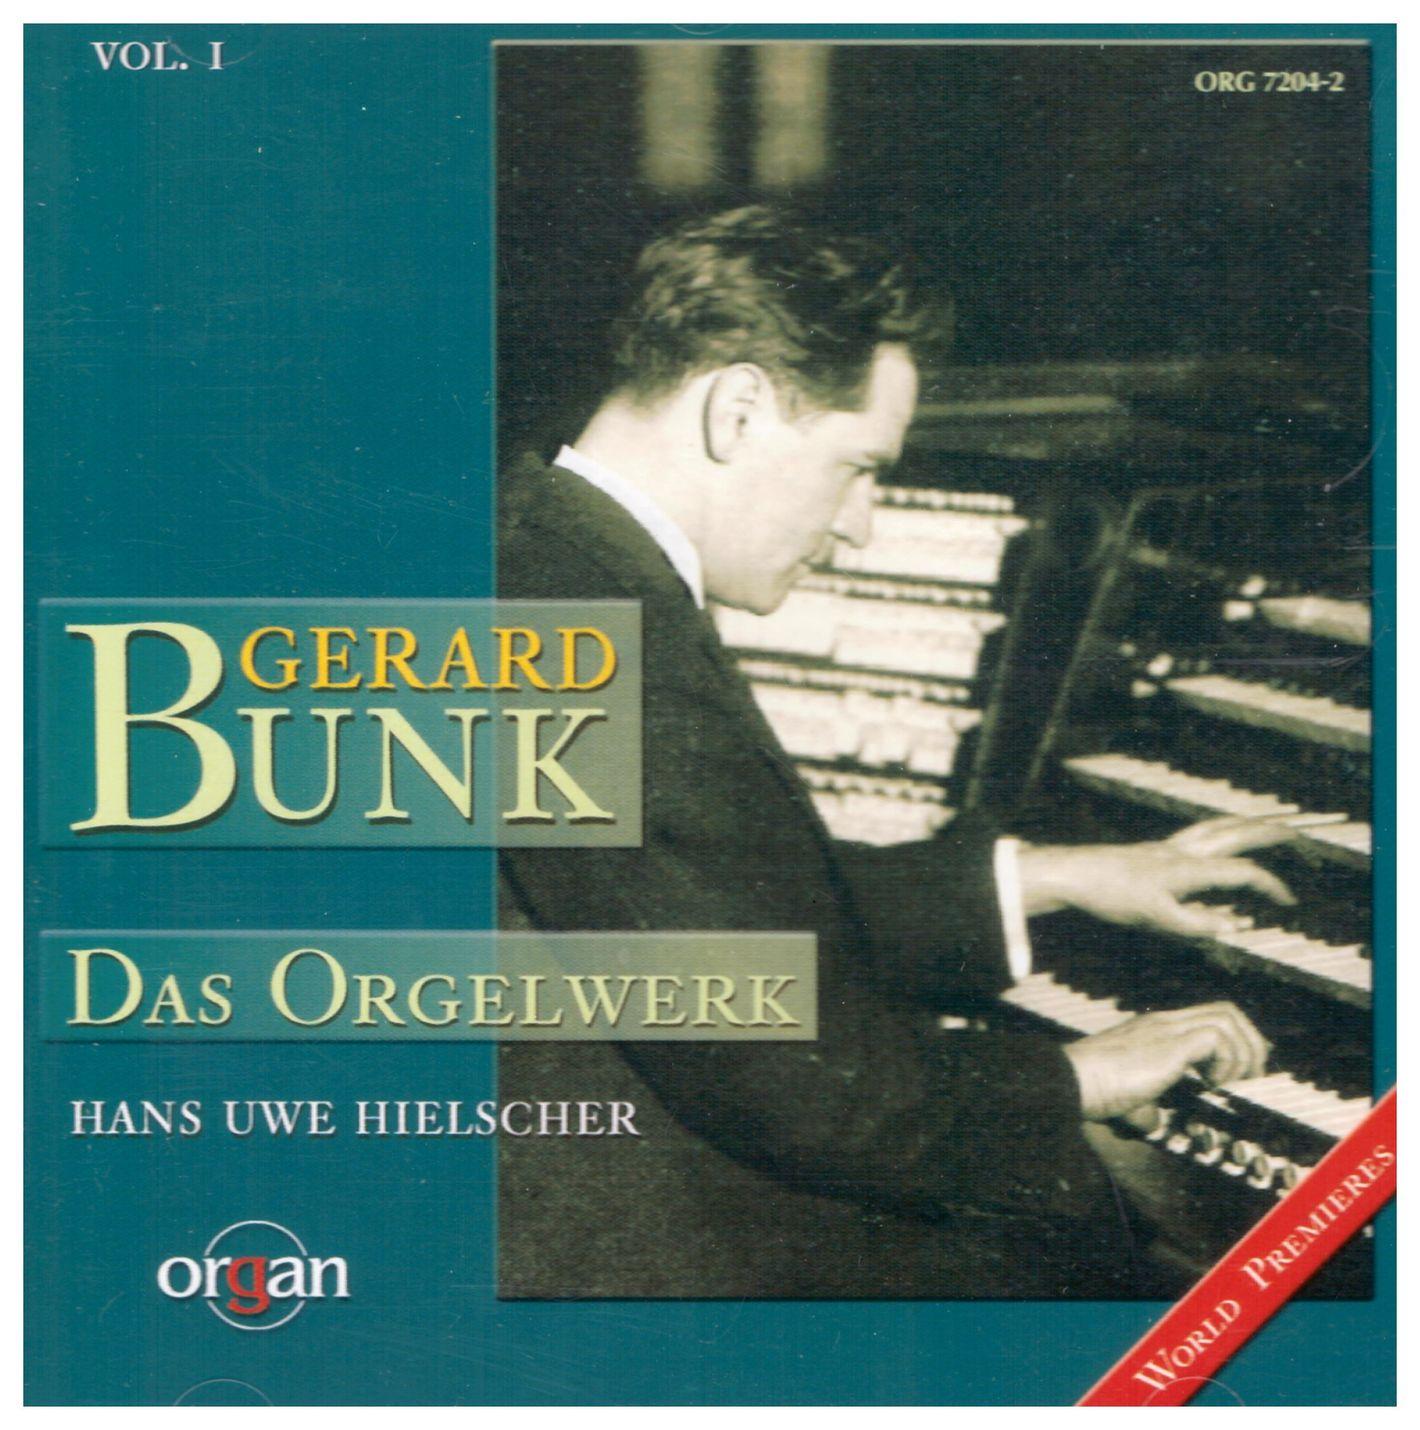 Gerard Bunk - Das Orgelwerk I